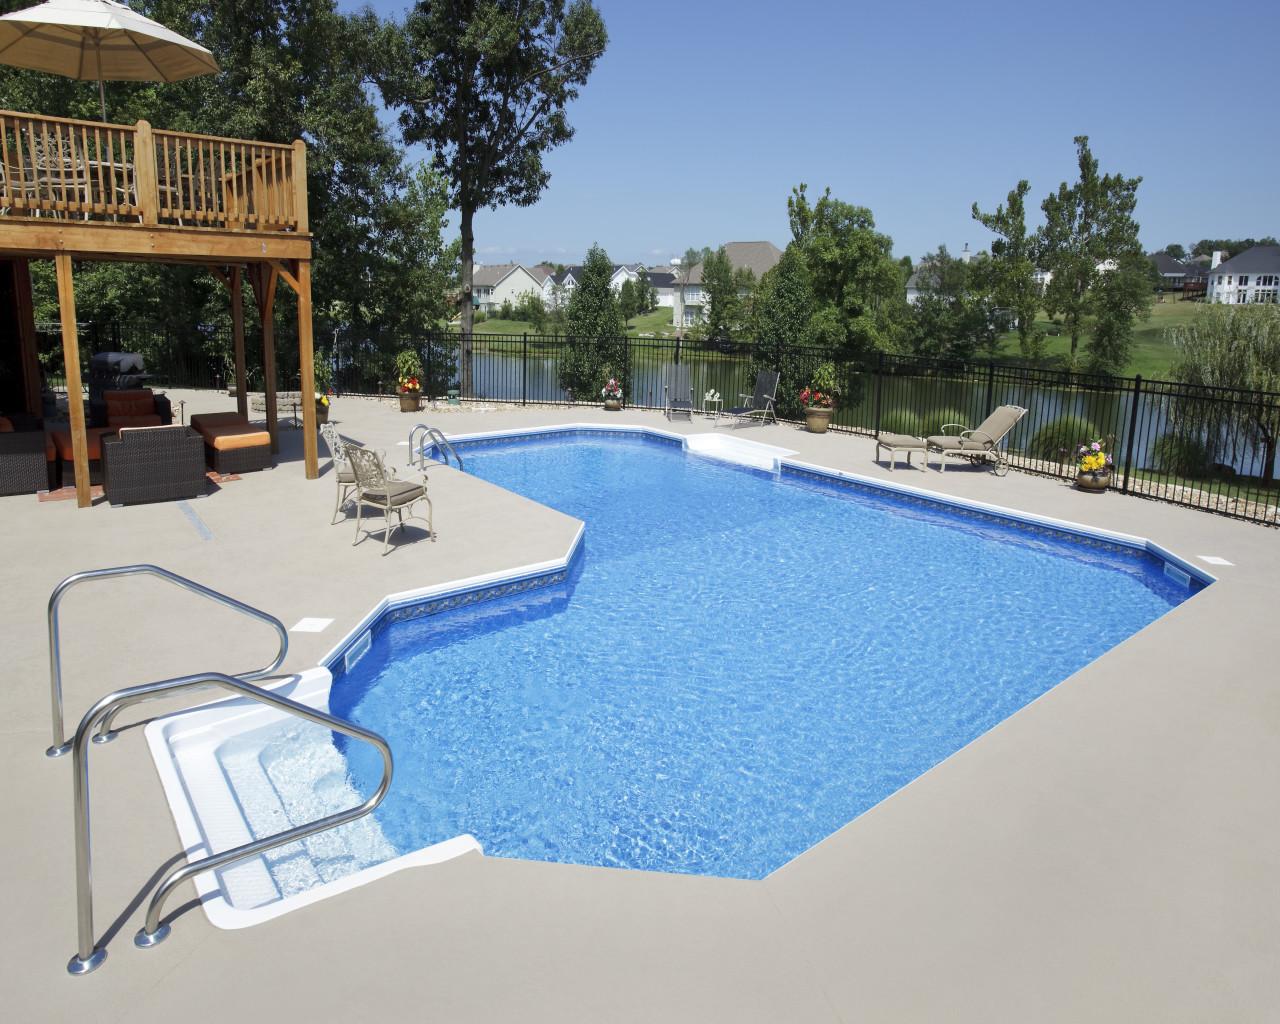 31 - Ell Pool